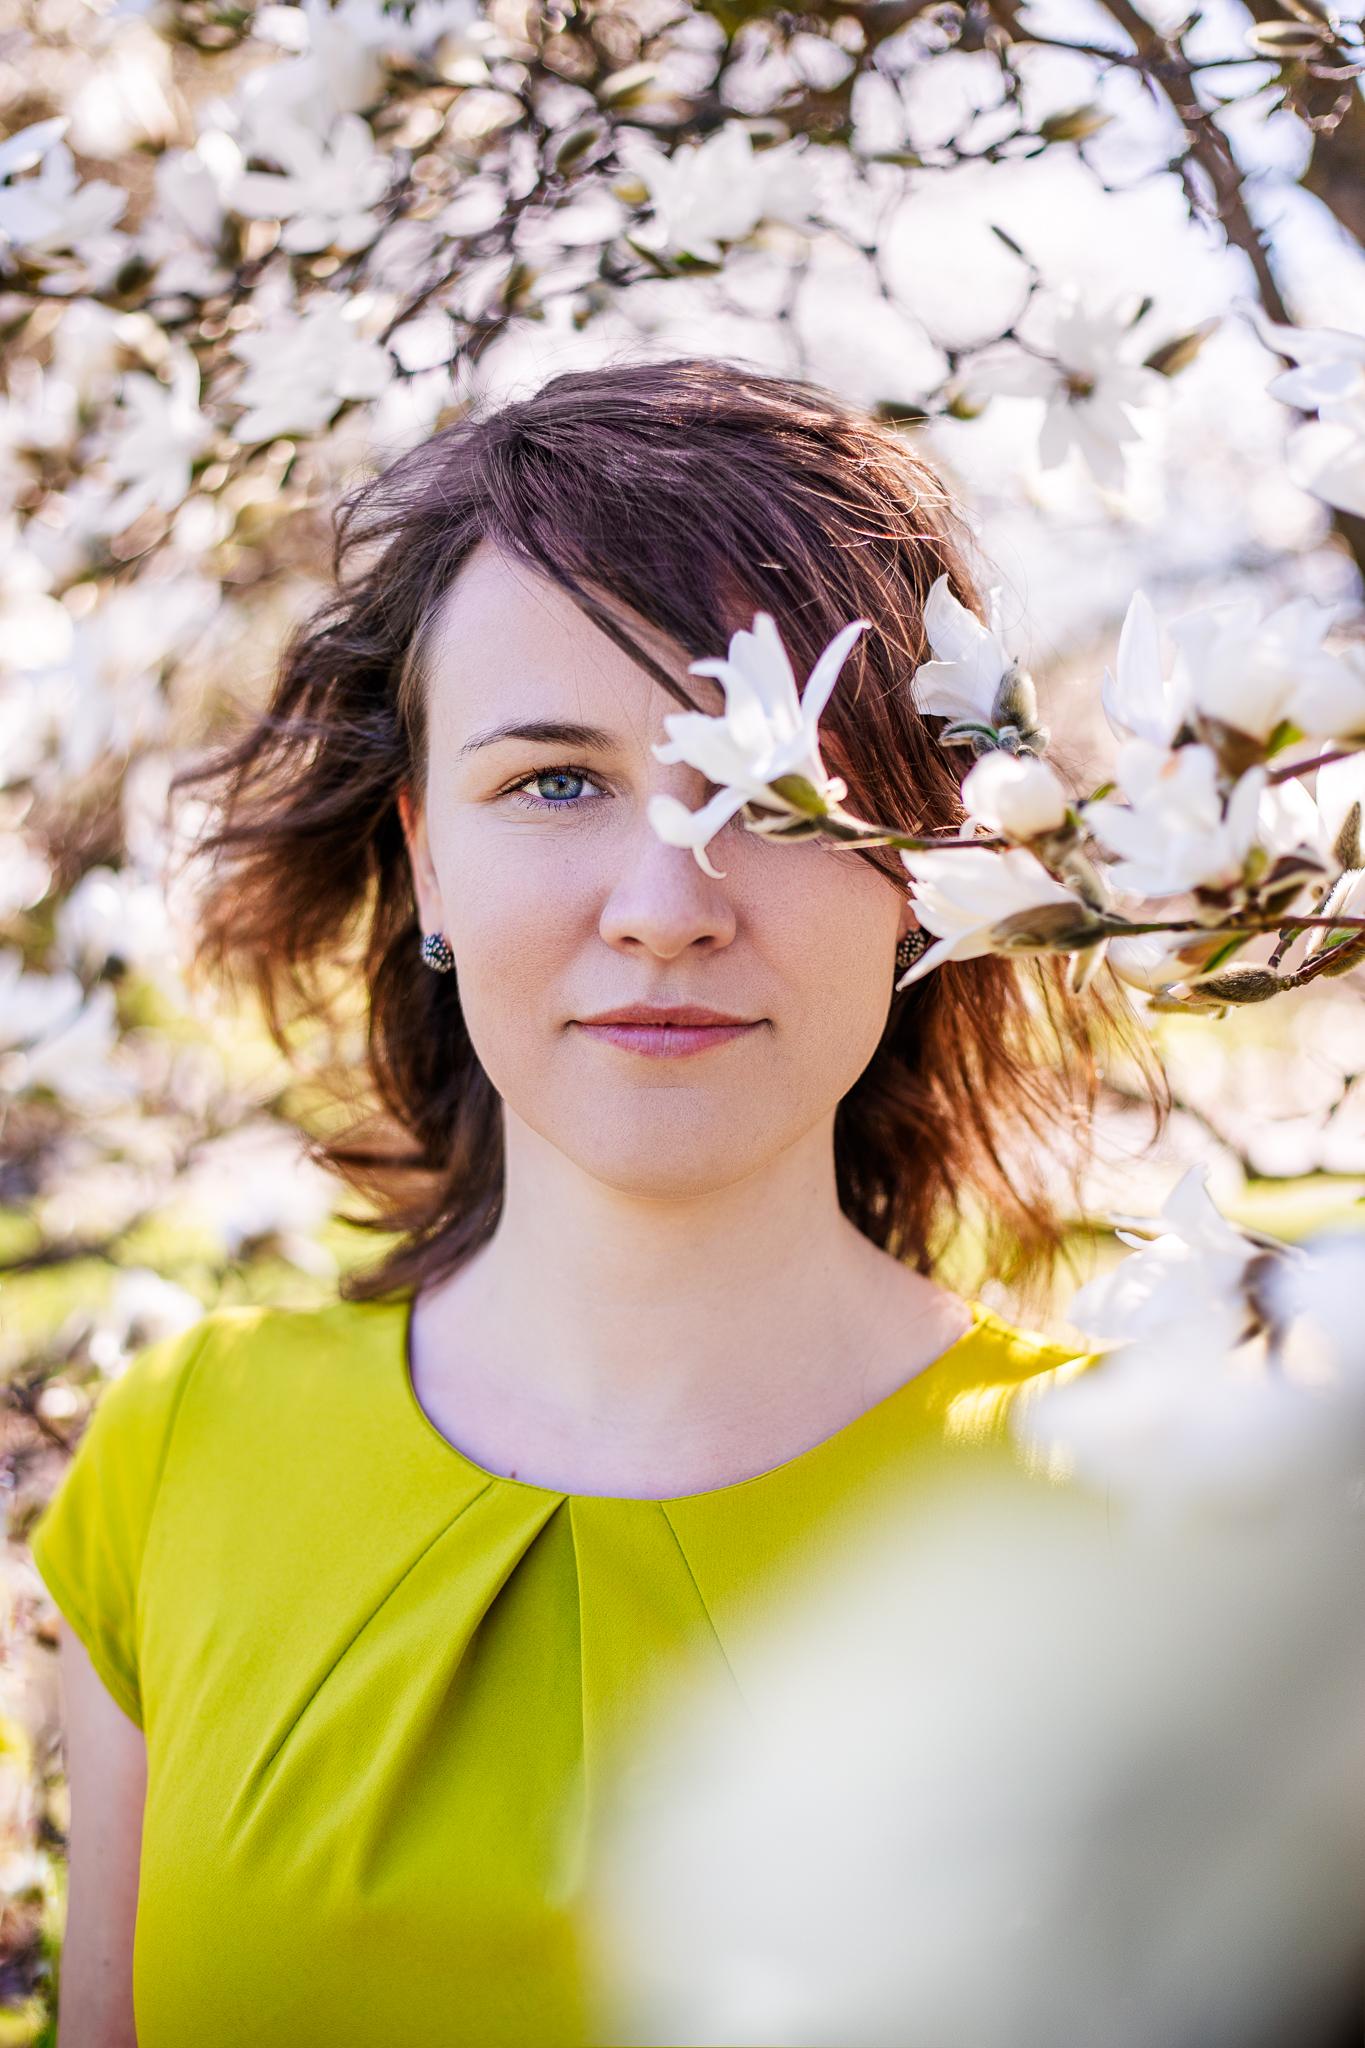 Daiga magnolijās. fotogrāfs: Linda Dambeniece-Migliniece